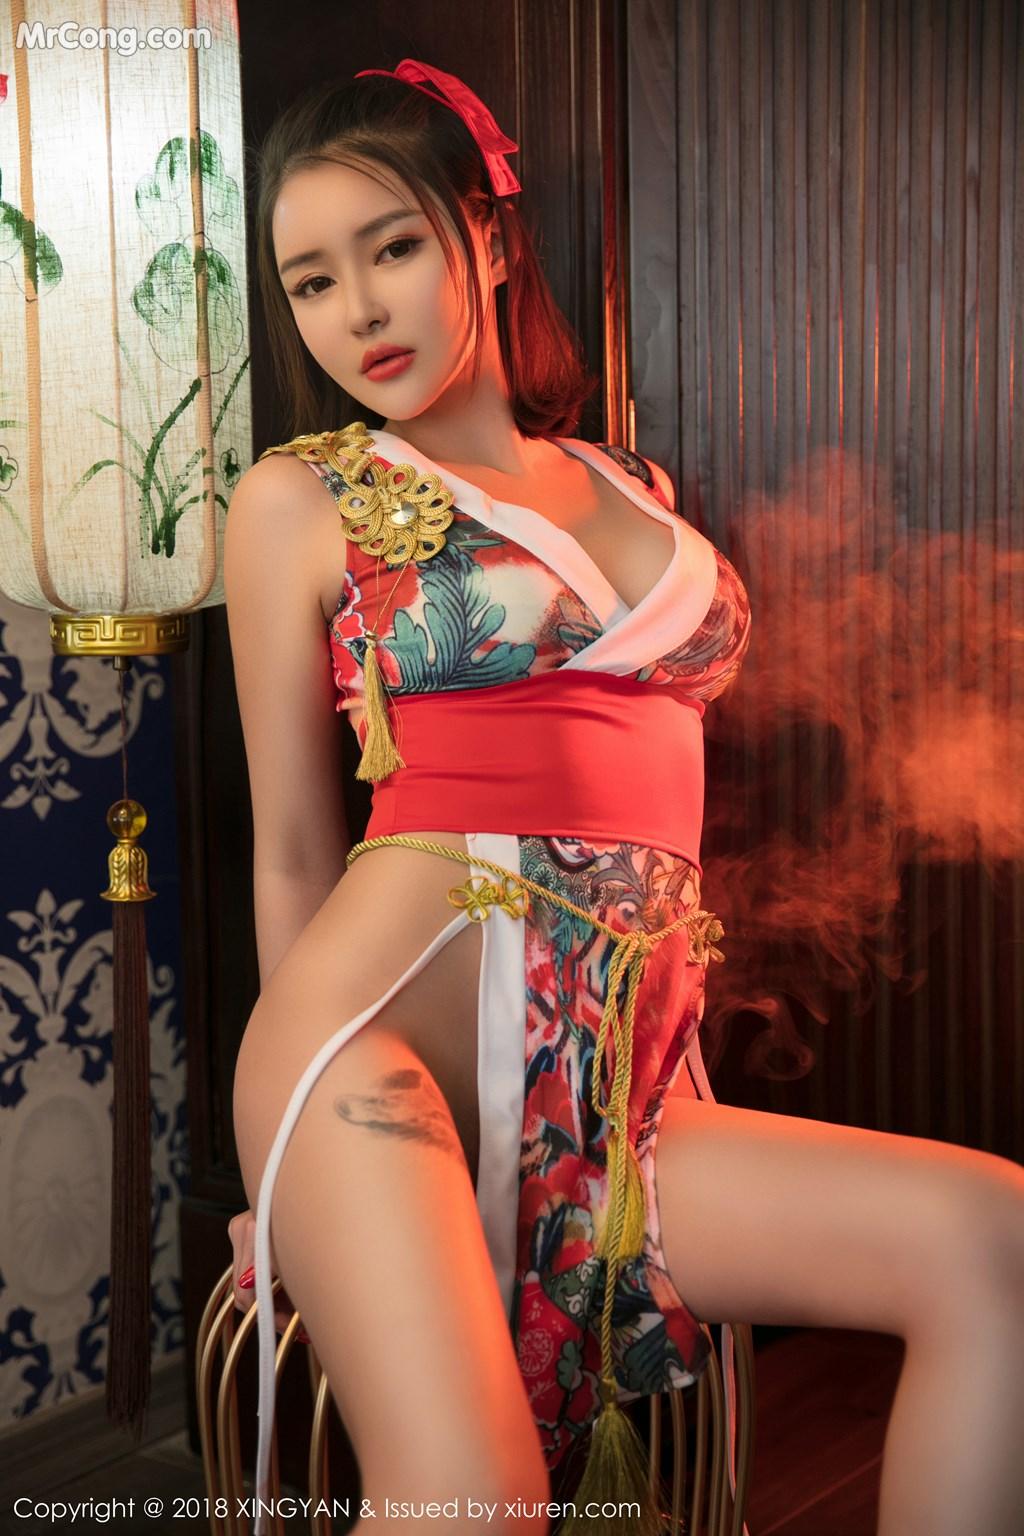 Image XingYan-Vol.028-MrCong.com-002 in post XingYan Vol.028: Người mẫu 廿十 (41 ảnh)